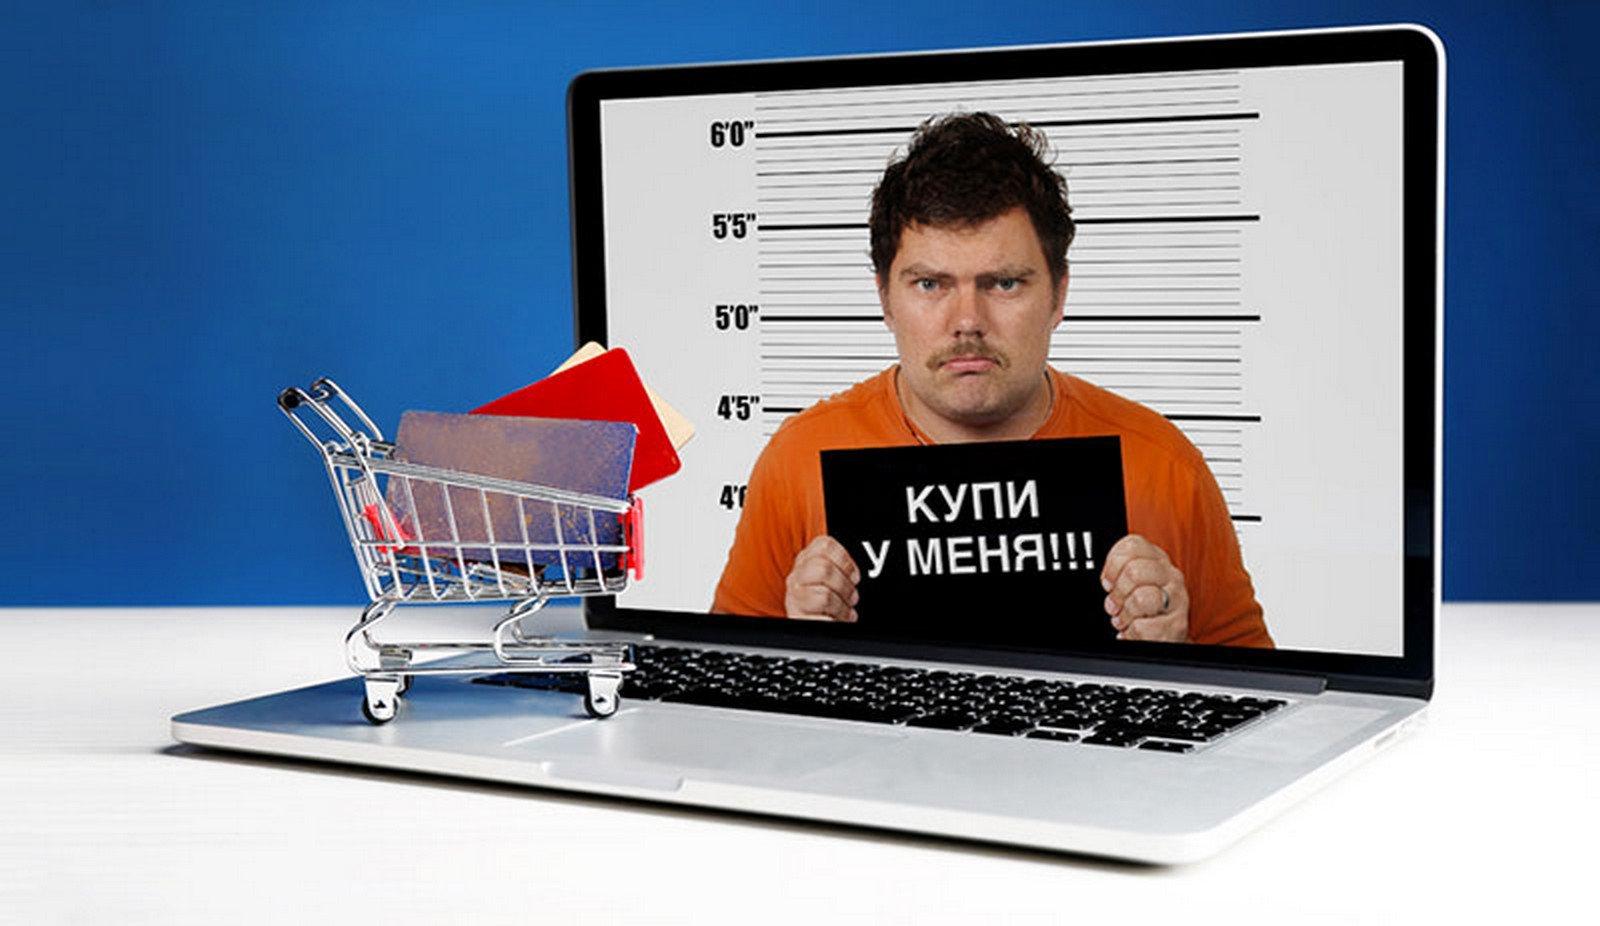 Интернет-магазин мошенник